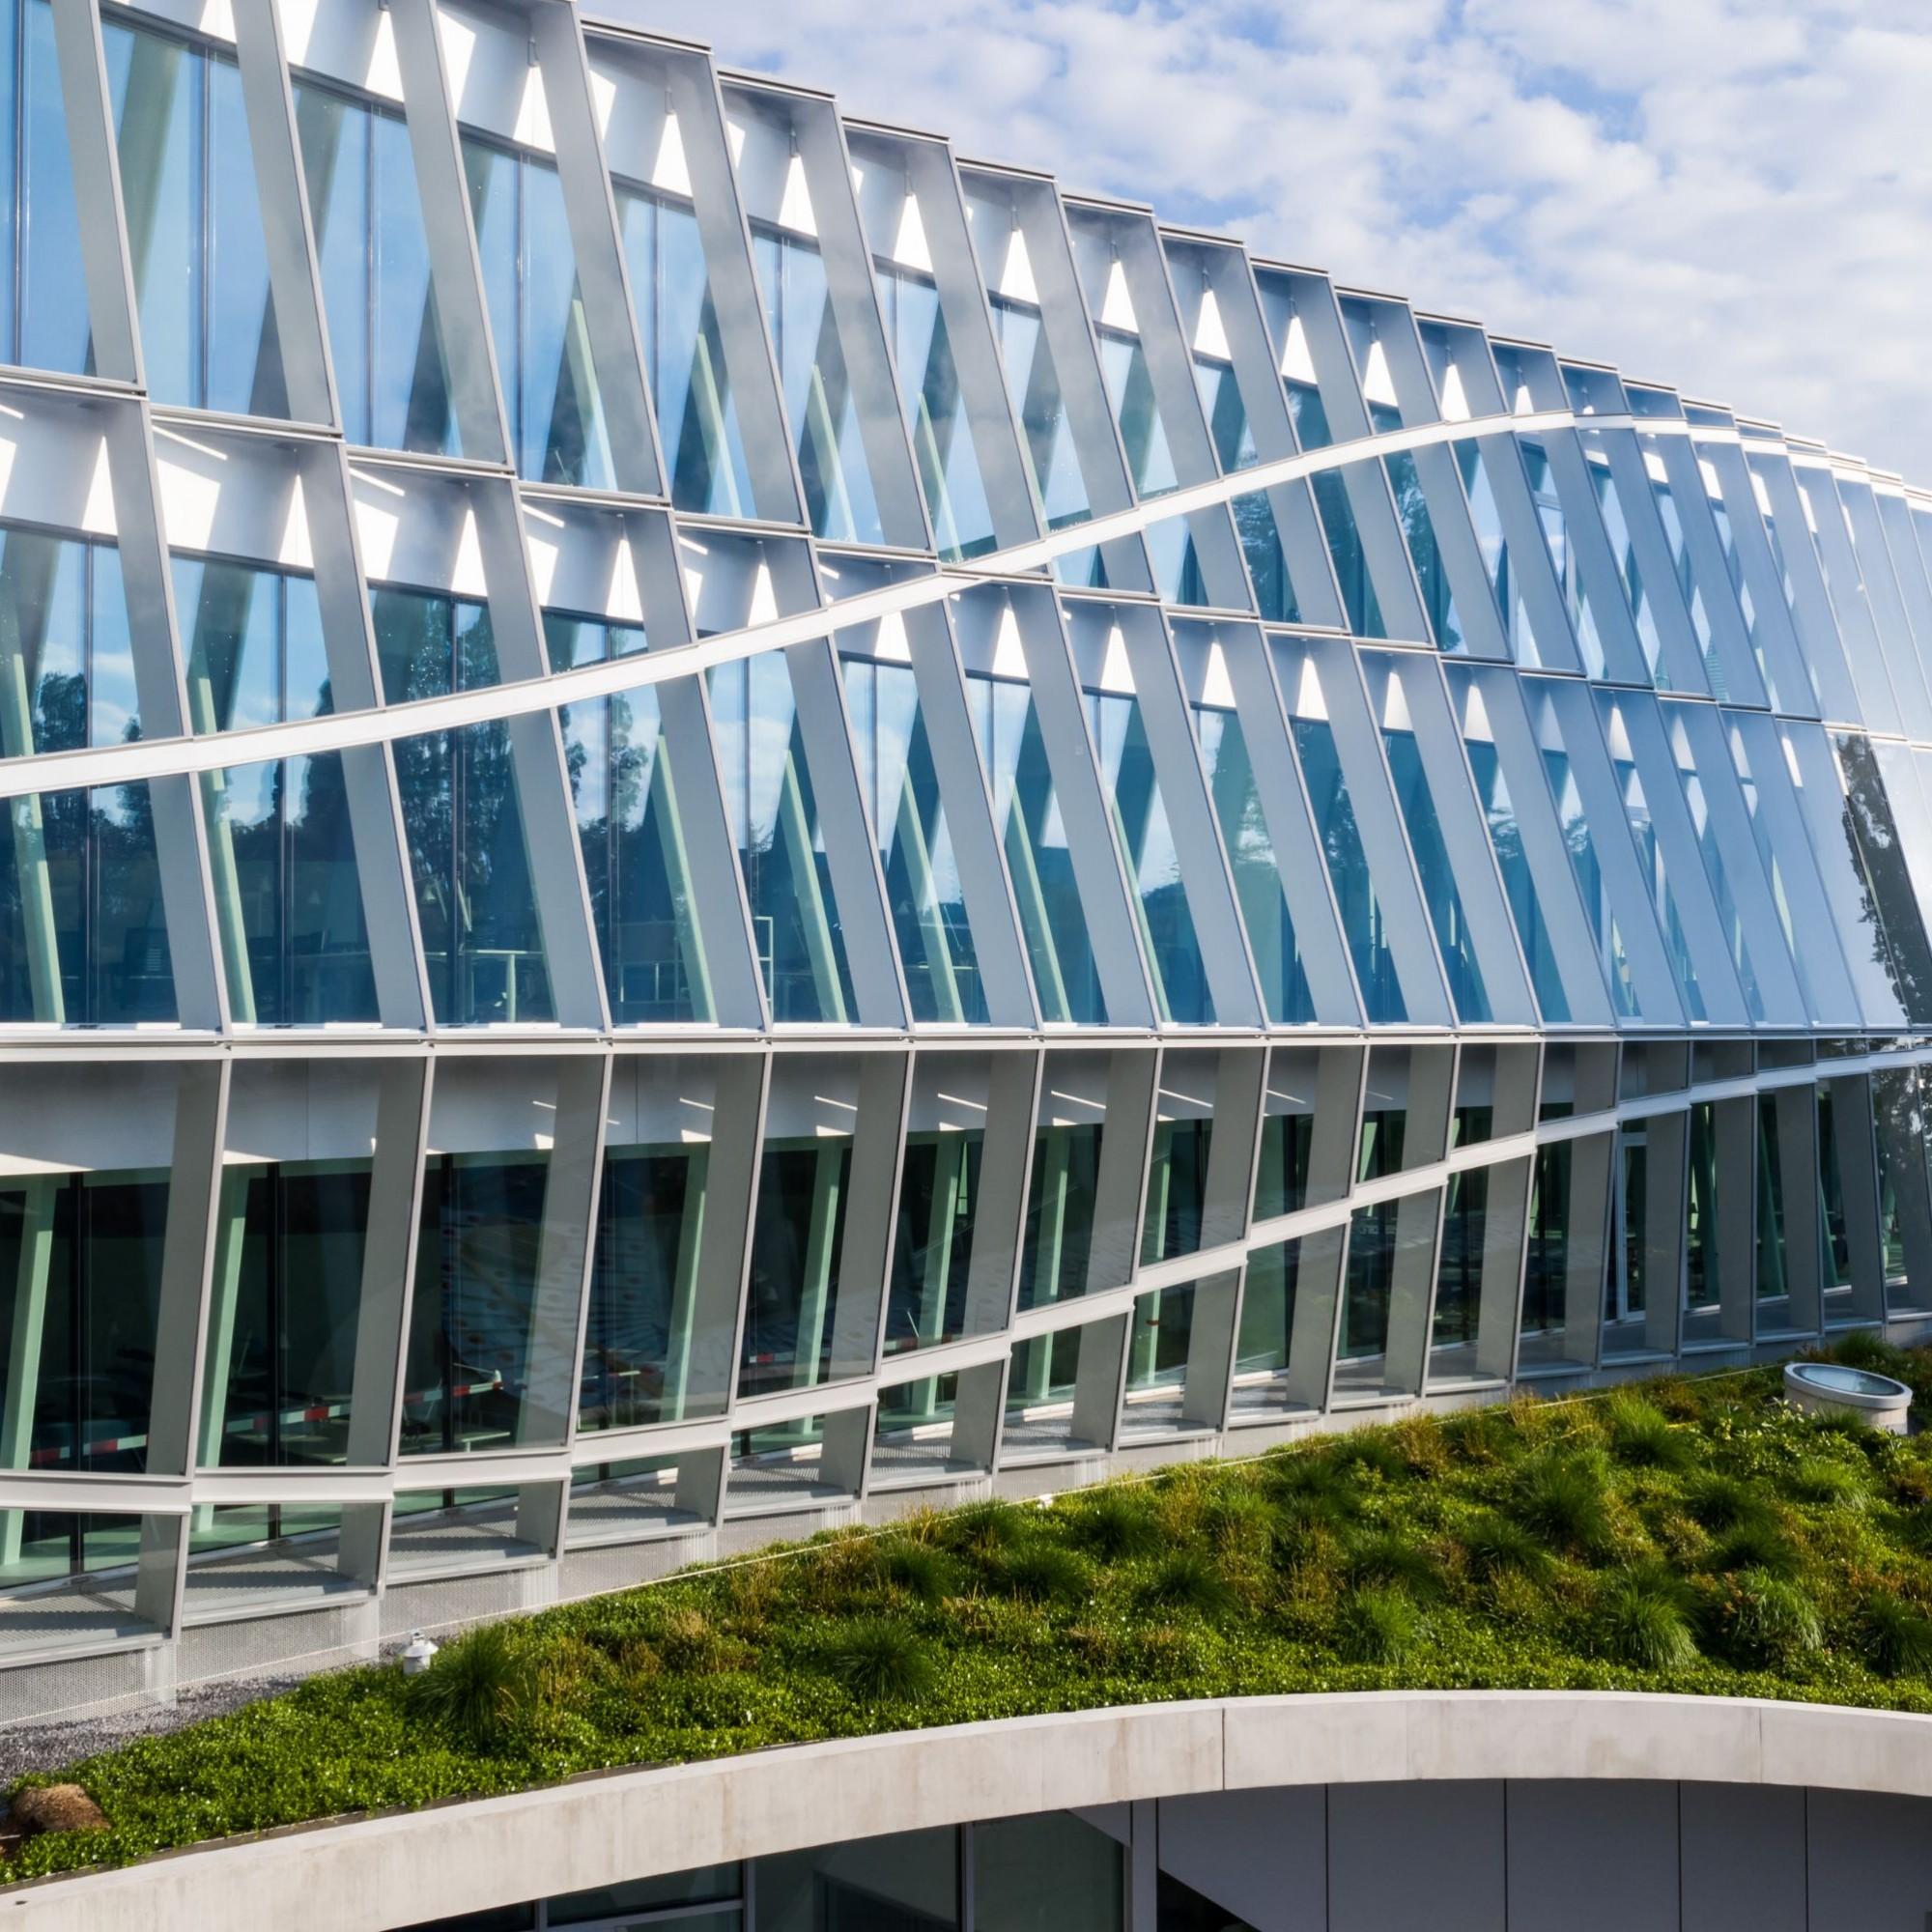 80 Prozent der Bauinvestitionen sind laut dem IOC bei lokalen Unternehmen getätigt worden.